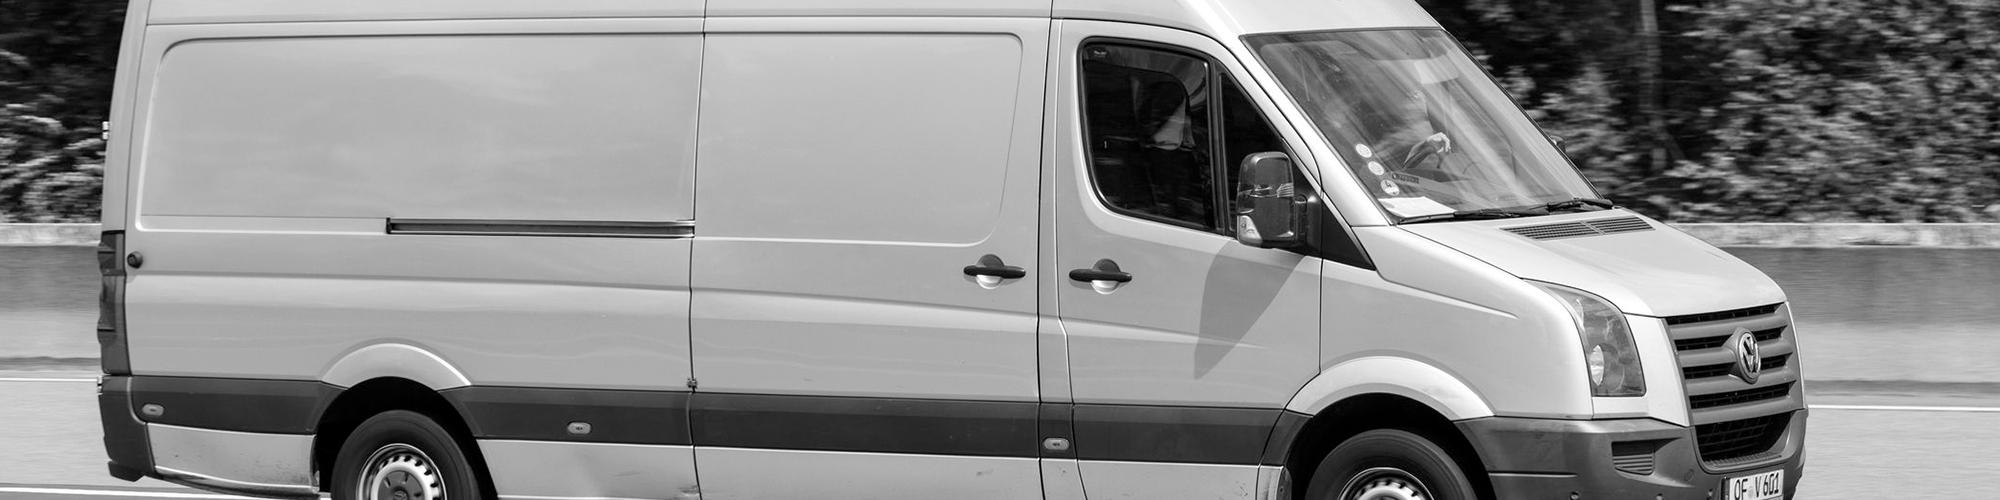 On-Demand Delivery | Atlanta, GA